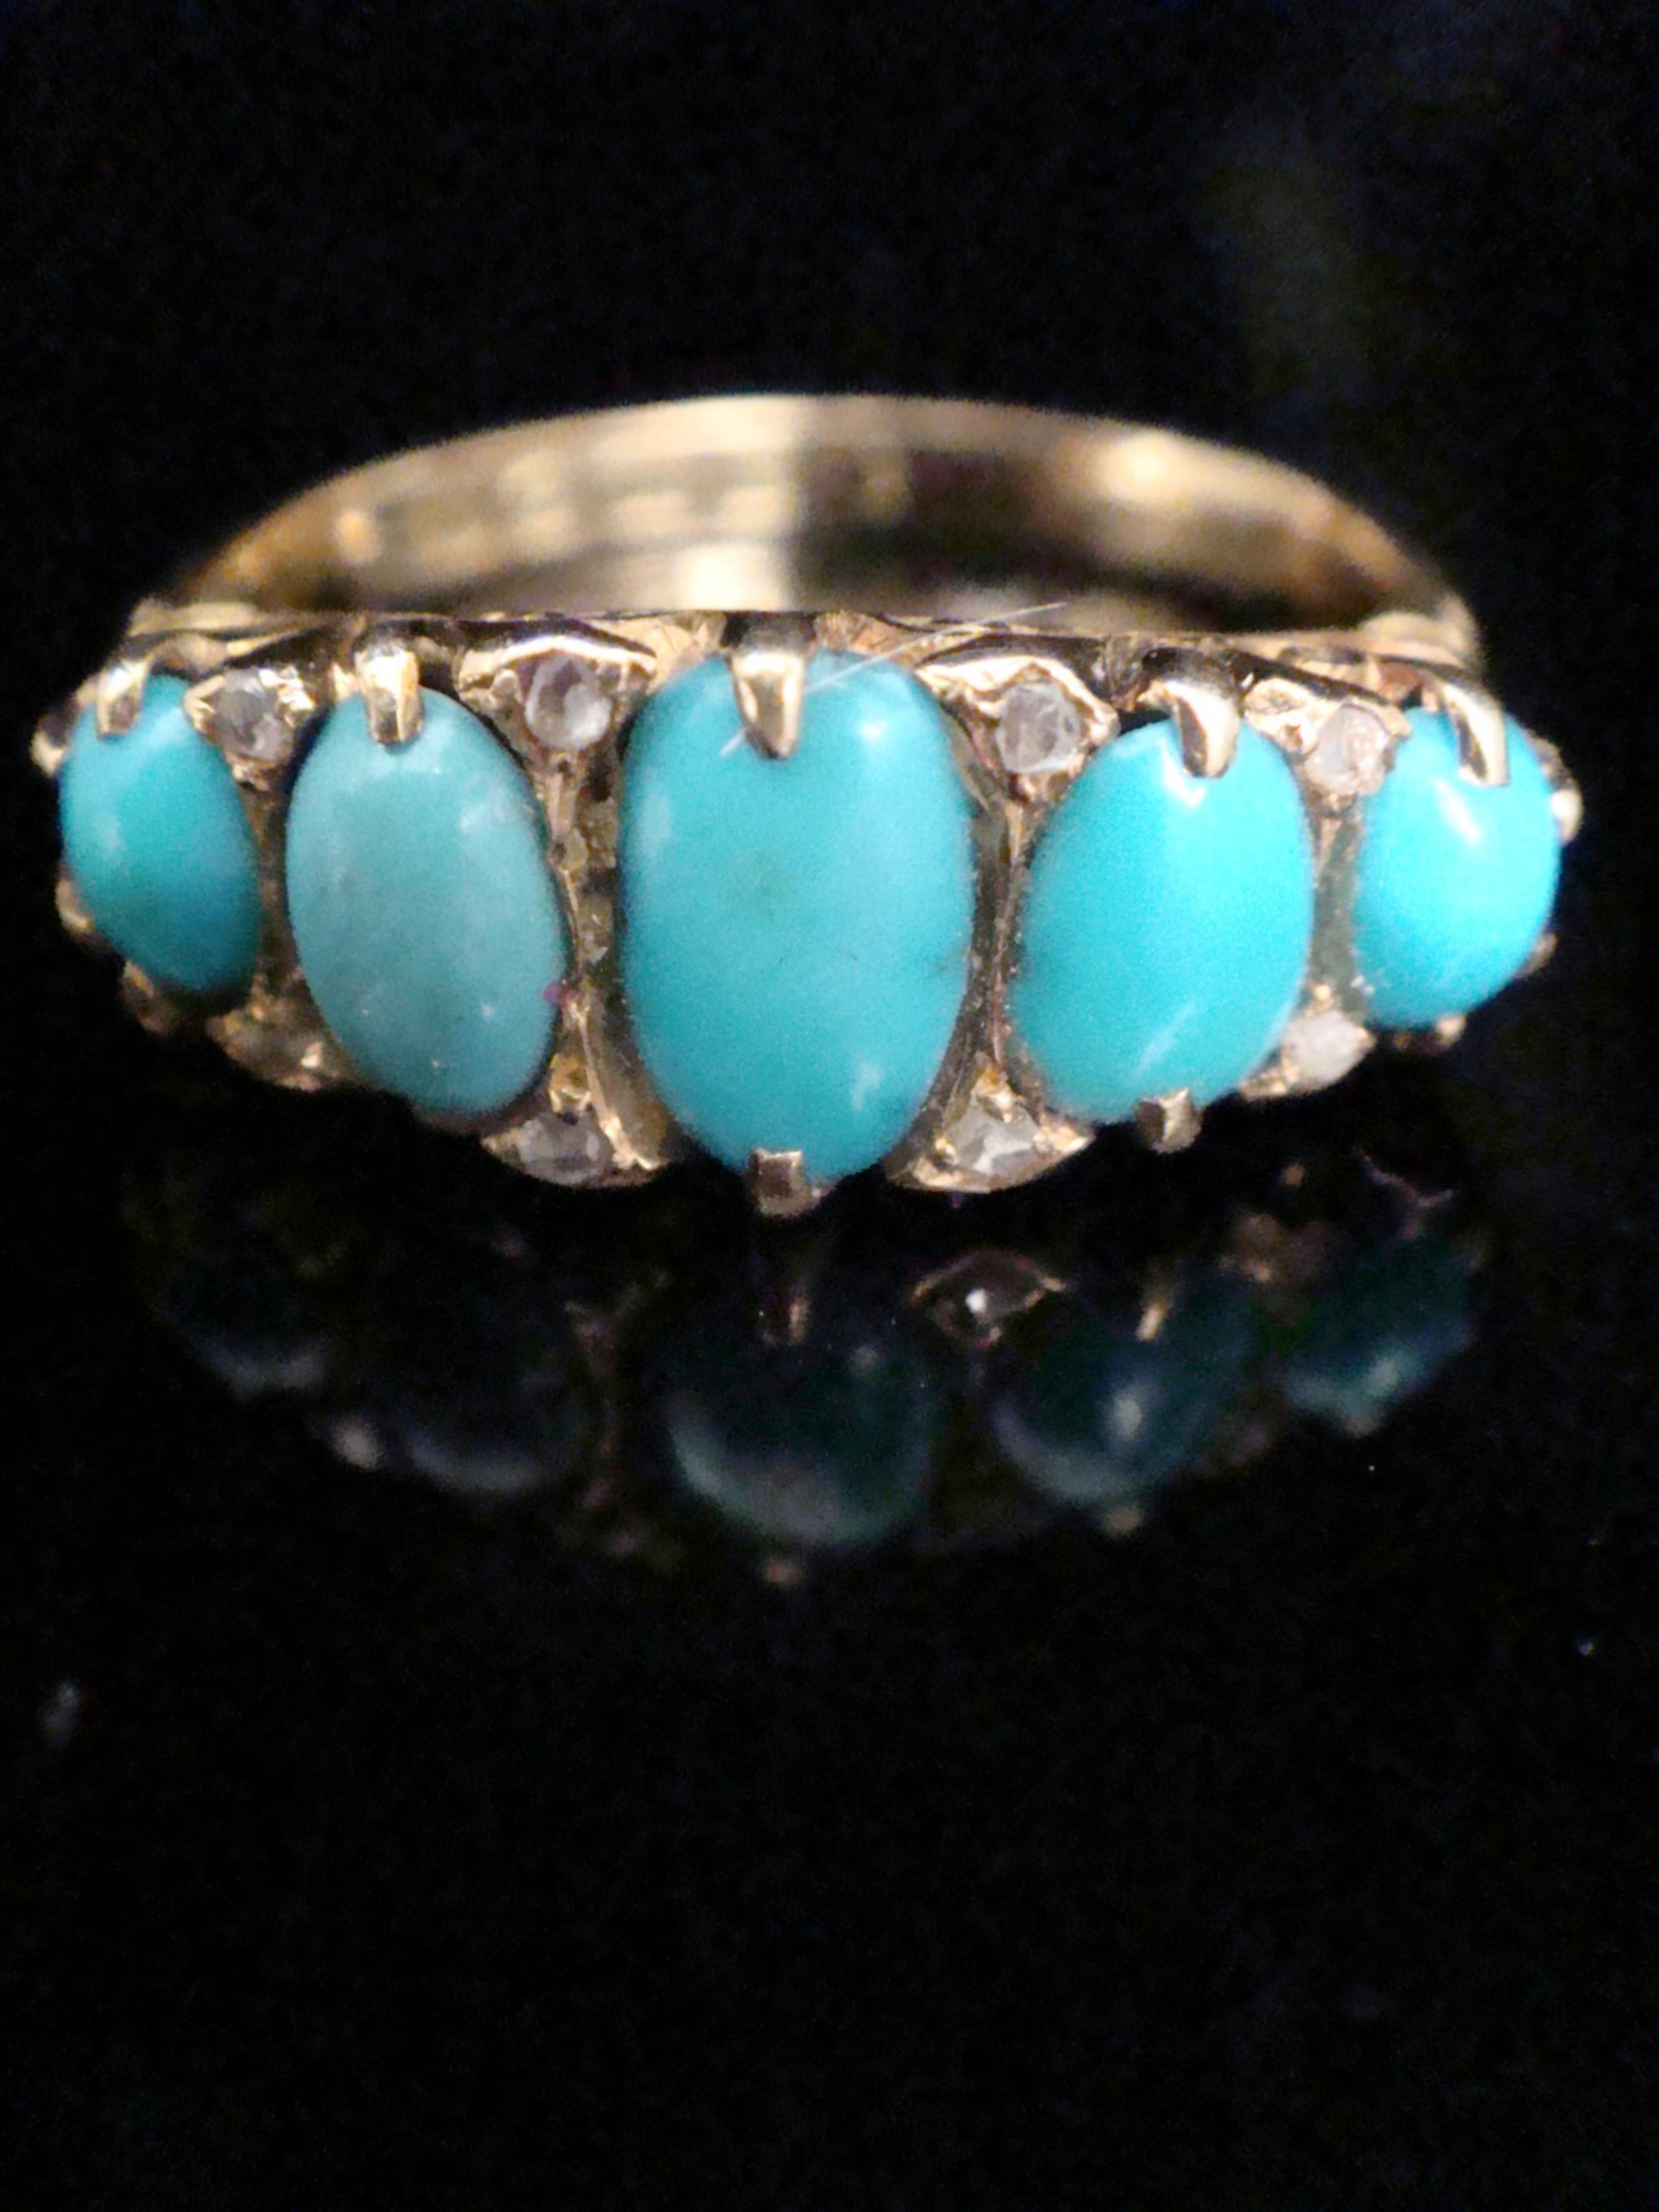 edwardian 18ct turquoise and diamond 5 stone ring